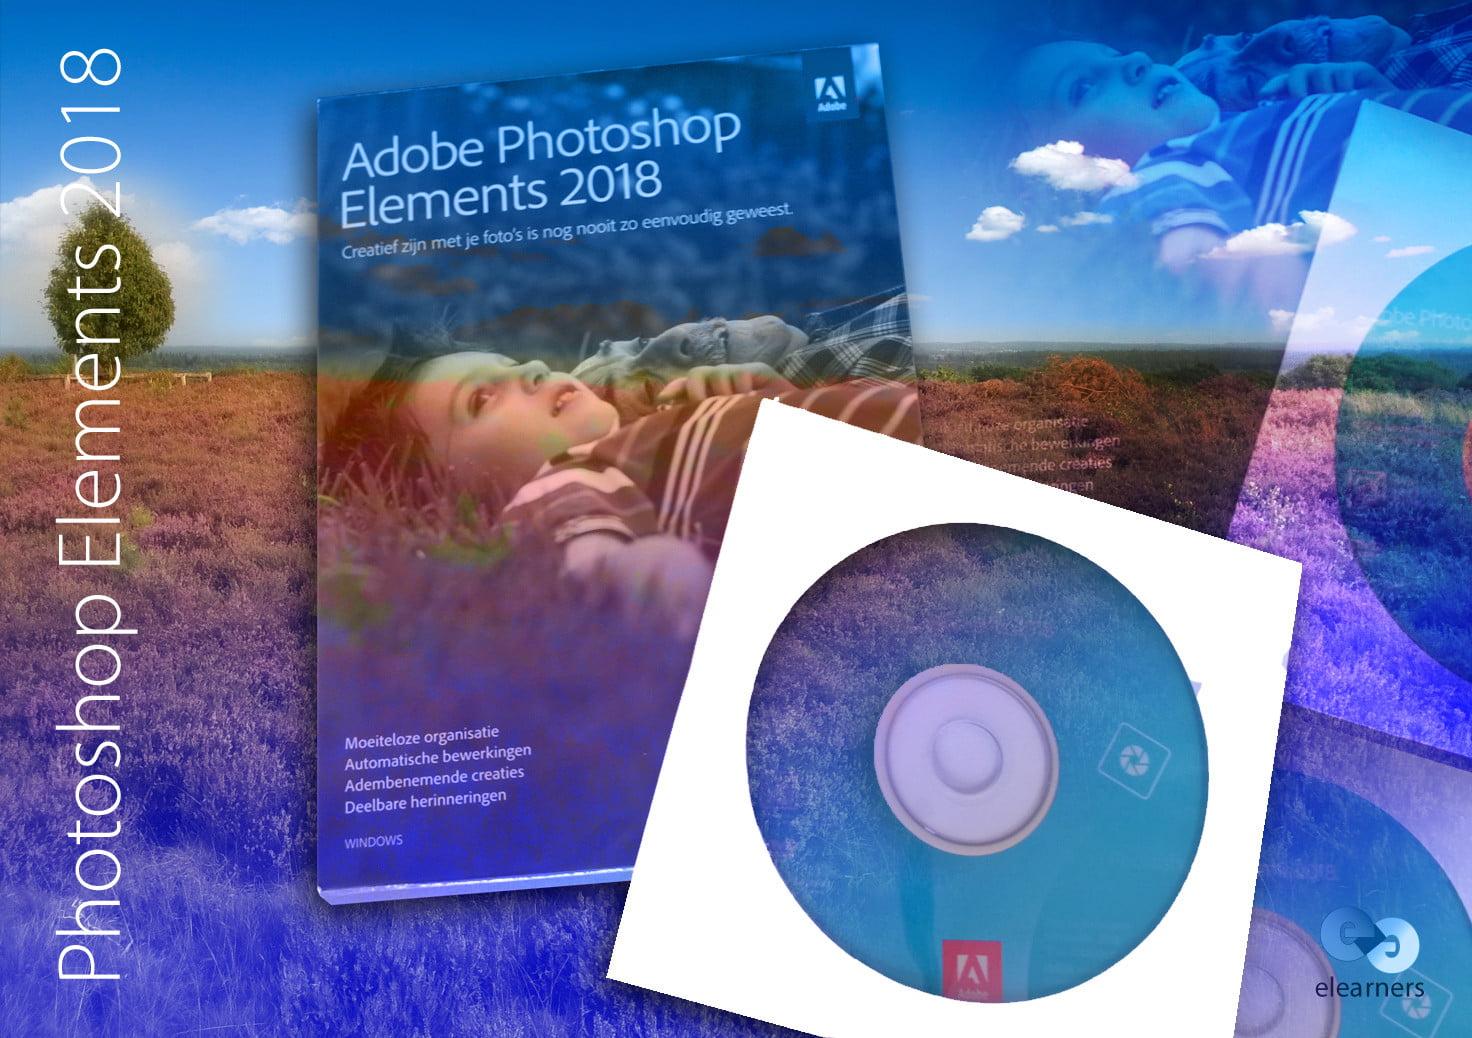 Photoshop Elements 2018 foto